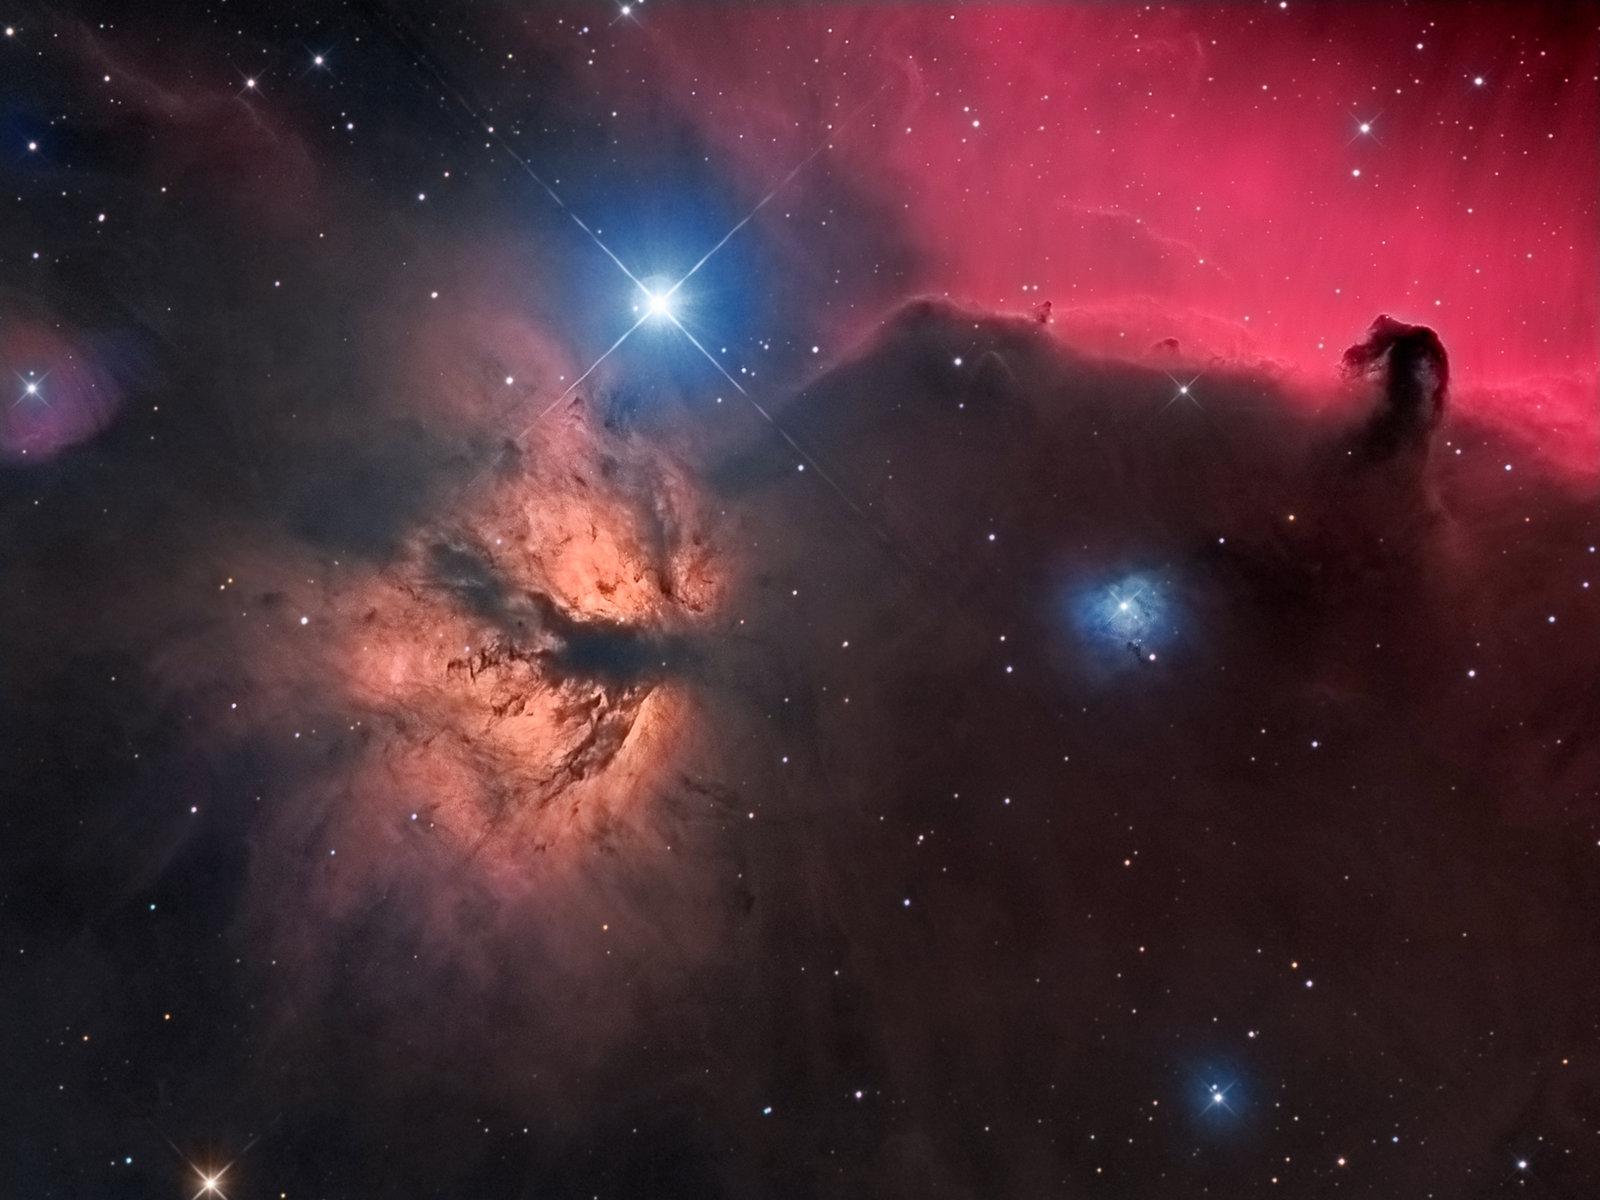 NGC2024.thumb.jpg.a4a685e6628540f67bd8684c9b7ad27c.jpg